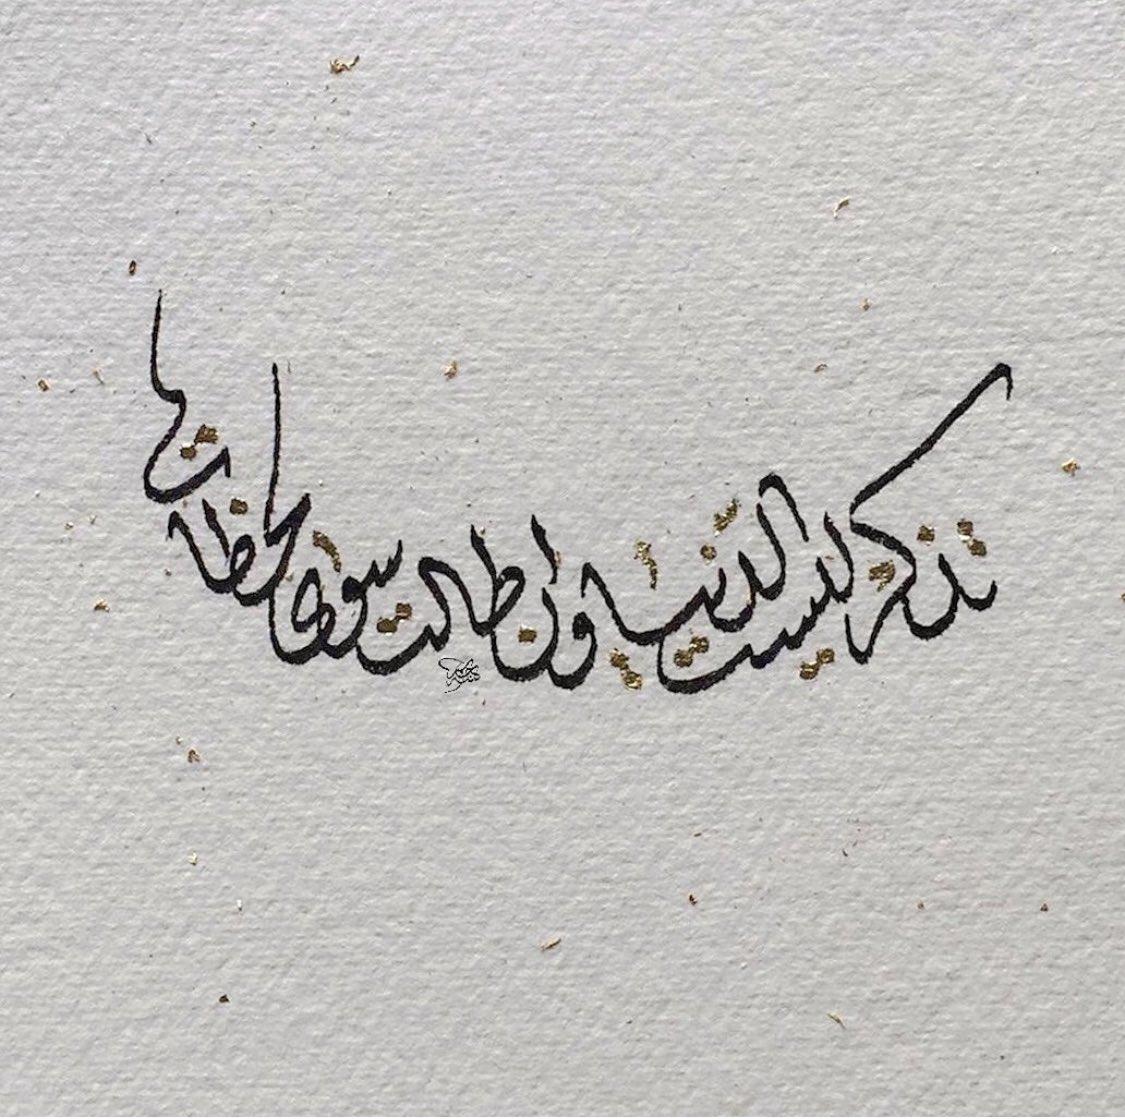 """""""تذكّر ليست الدنيا وإن طالت سوى لحظات""""  كلمات الفنان سيف فاضل بأنامل الفنان جاسم النصرالله 🖊  من أغنية #دندن_معي: https://t.co/XCQD3IQEXy https://t.co/fkc4ZPdcdD"""